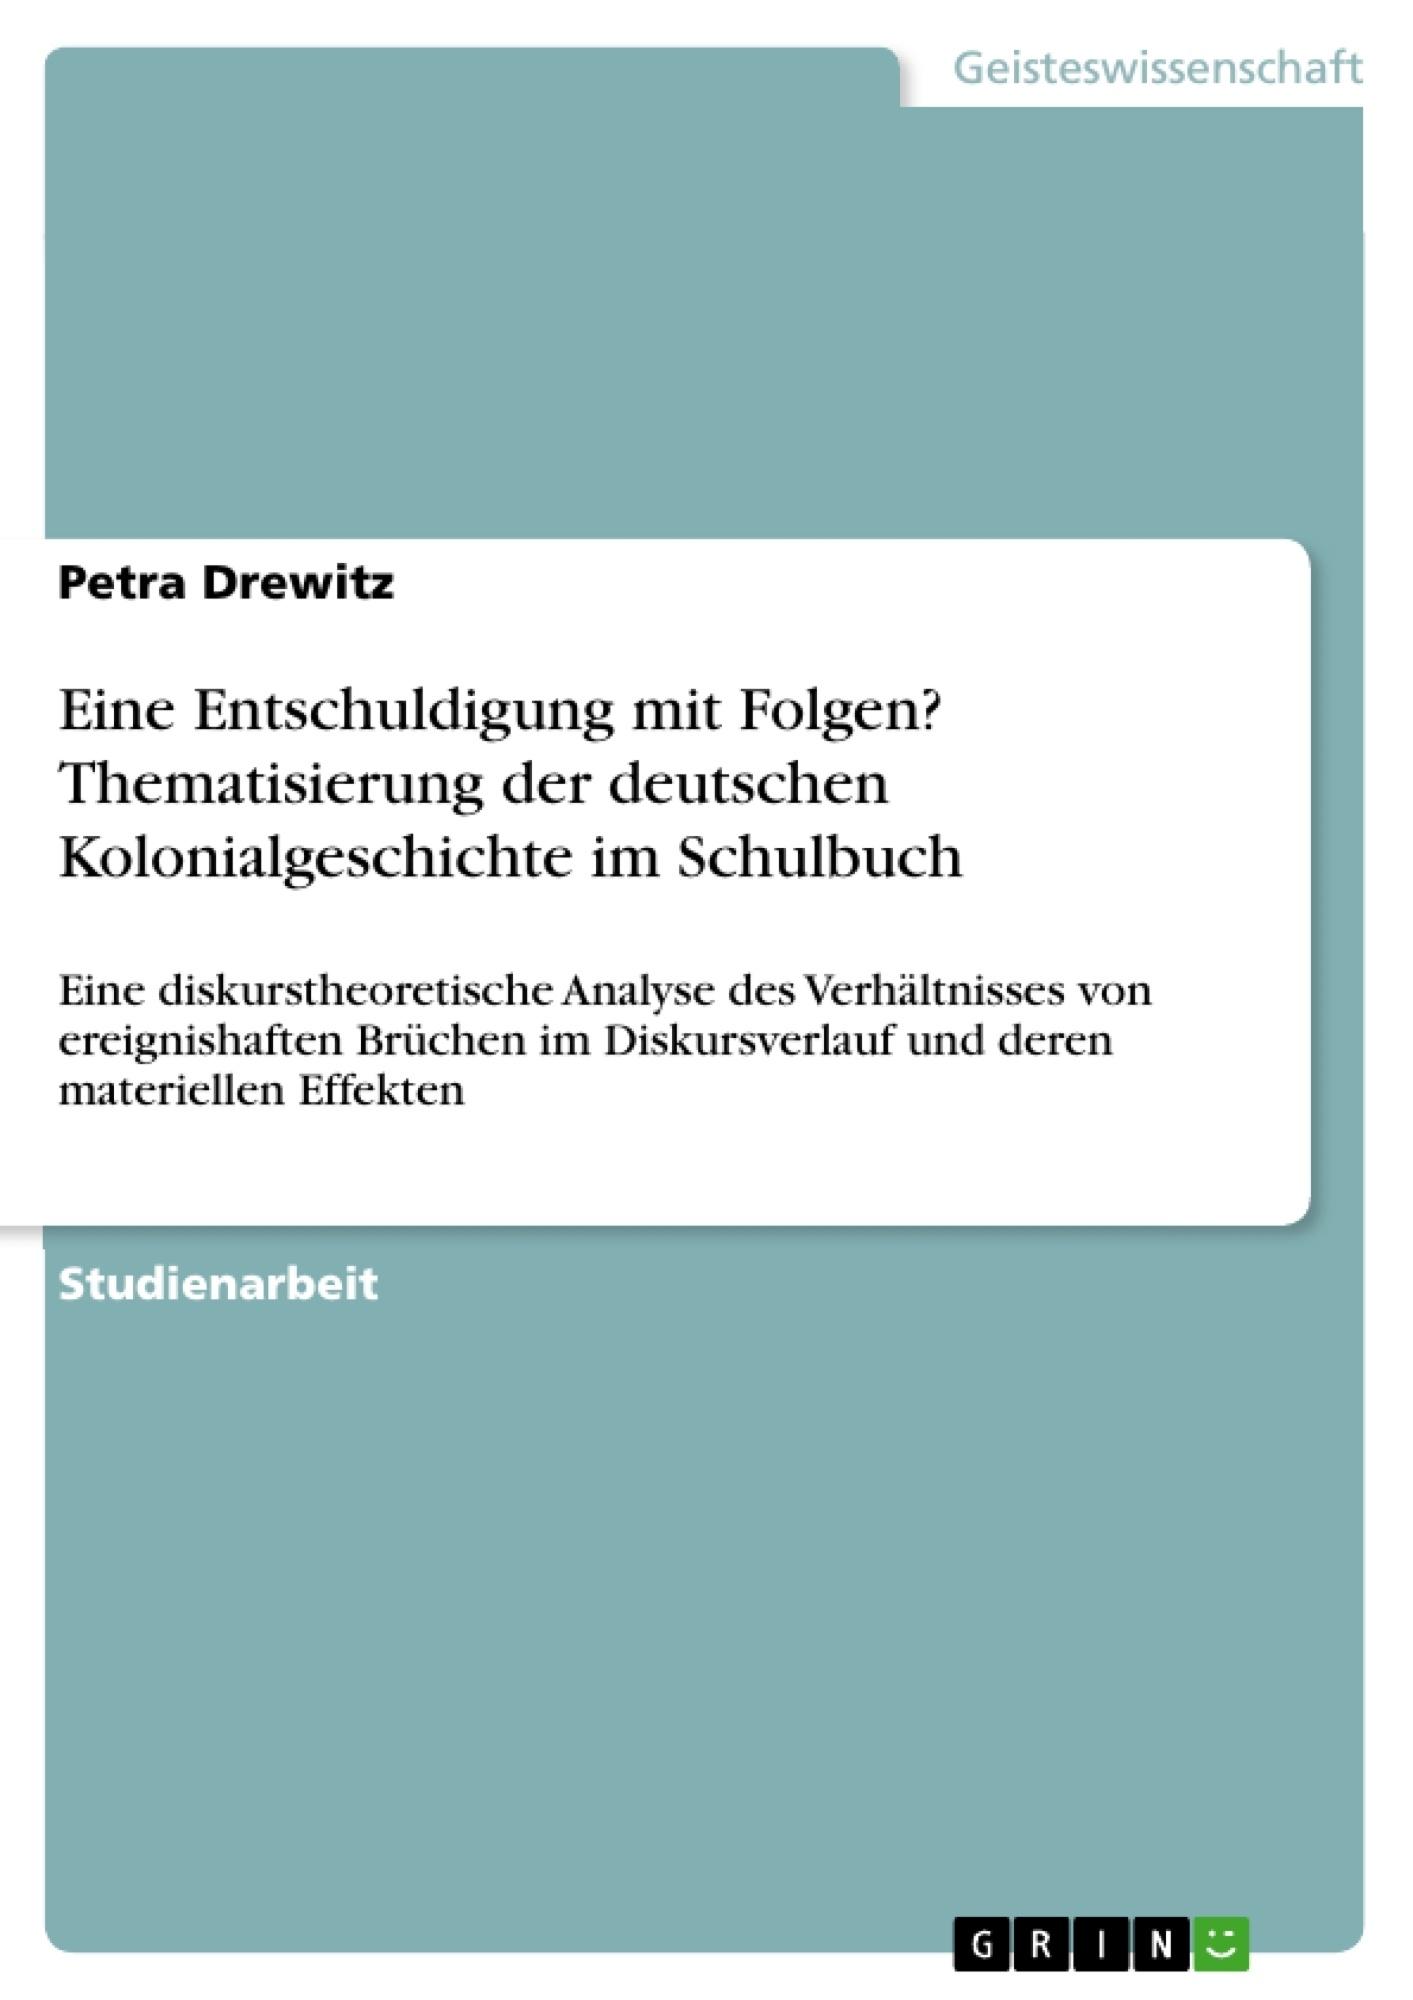 Titel: Eine Entschuldigung mit Folgen? Thematisierung der deutschen Kolonialgeschichte im Schulbuch